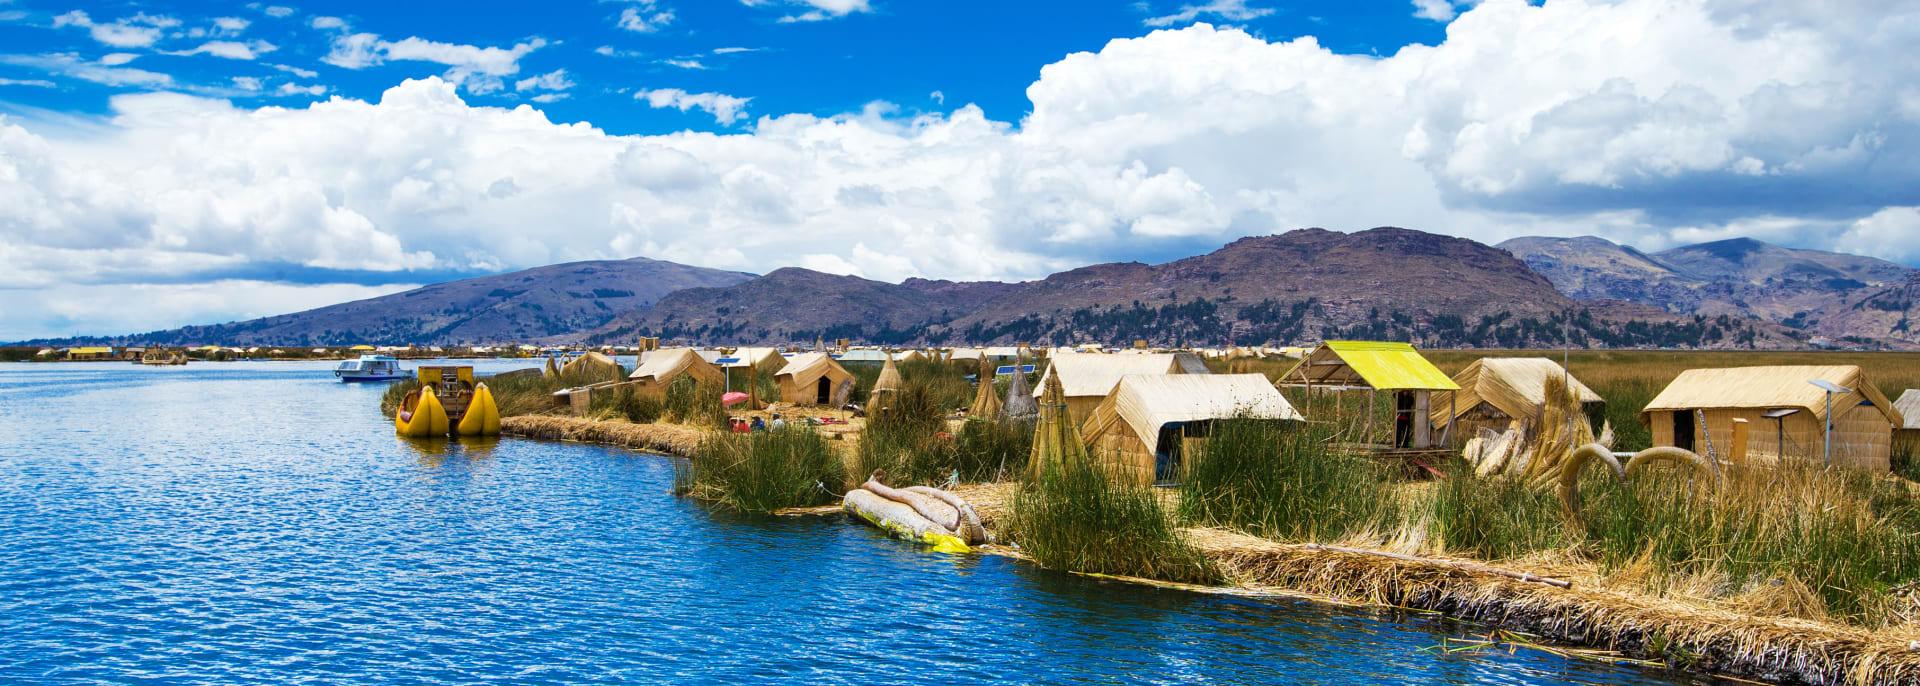 Titicaca See, Peru